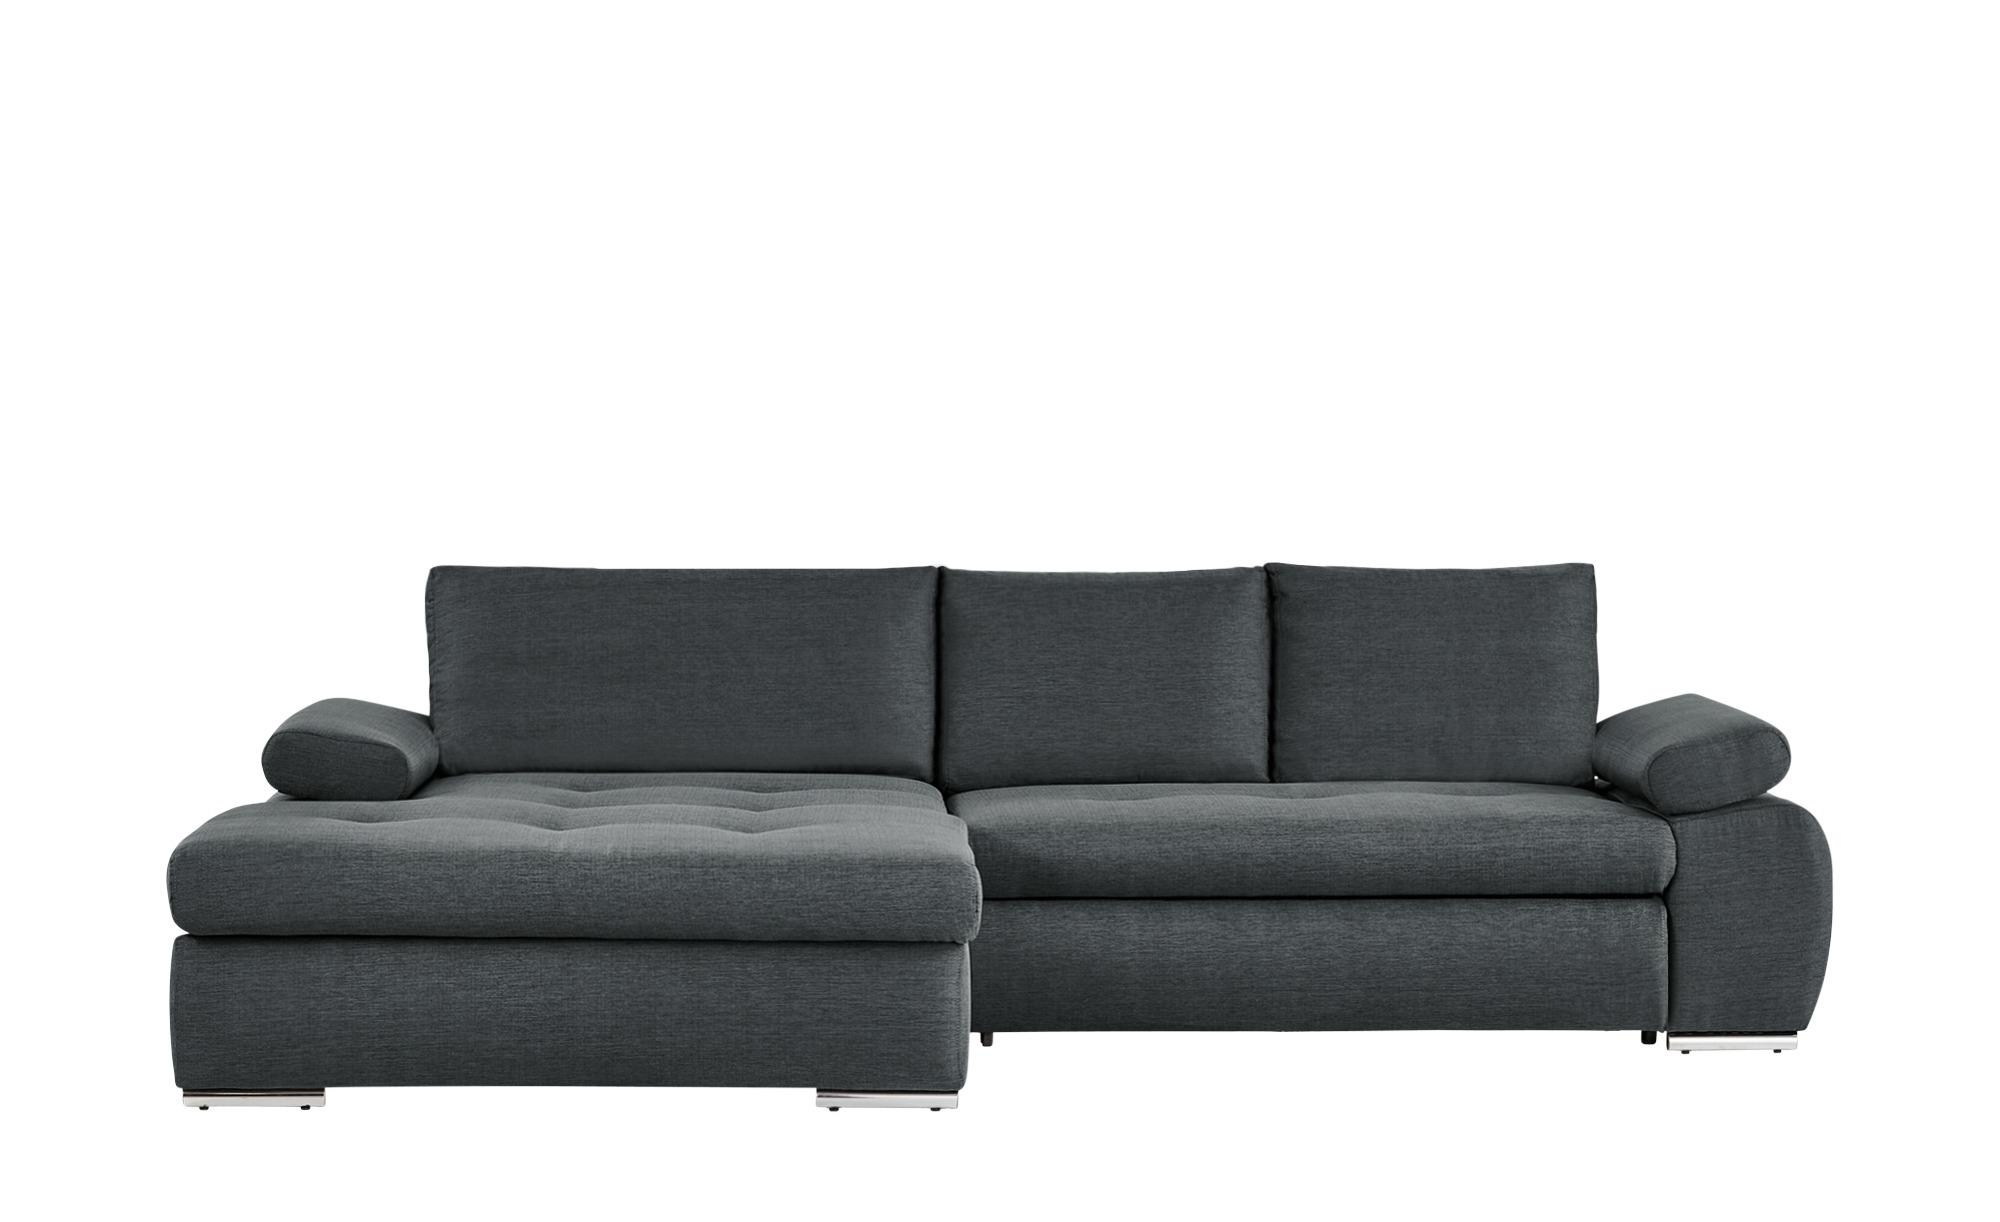 Smart Ecksofa Ibby Jetzt Bestellen Unter Https Moebel Ladendirekt De Wohnzimmer Sofas Ecksofas Eckcouches Uid 5f32ec83 68bc 50d1 Couch Sectional Couch Sofa